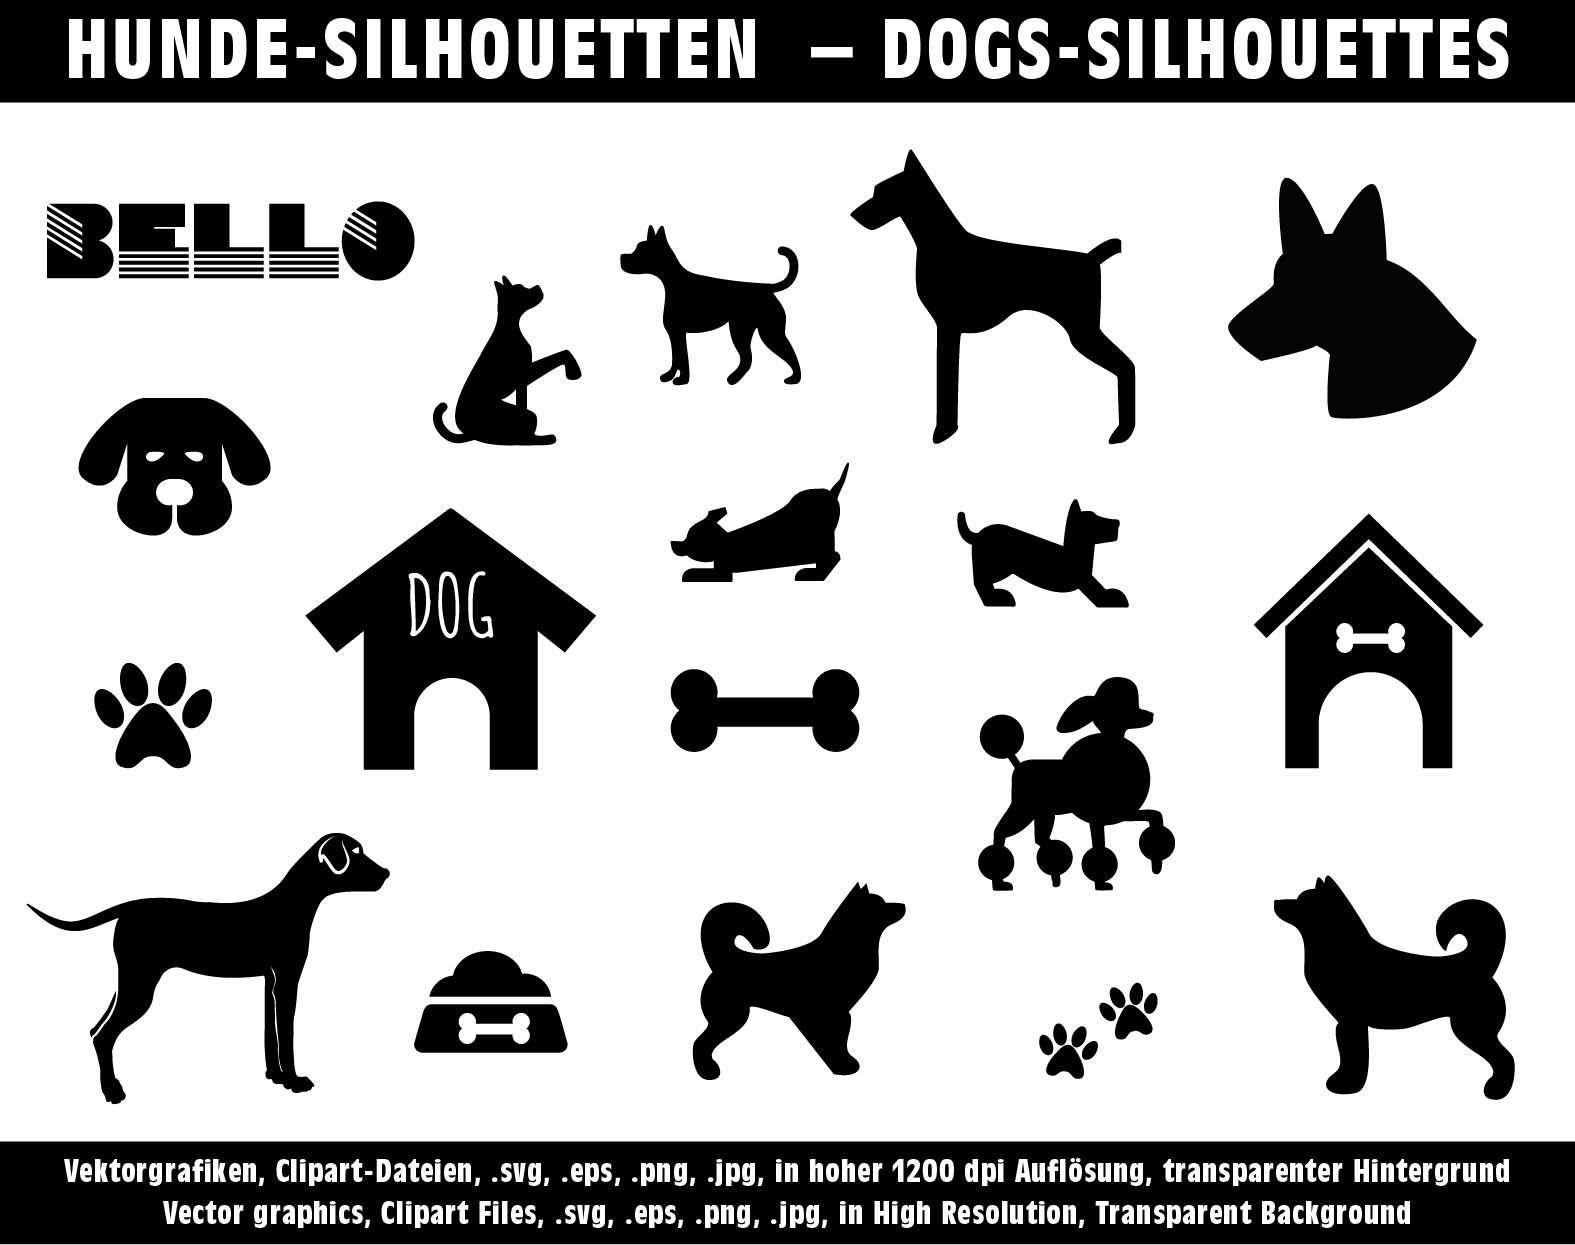 hunde vektor grafik clip art dogs clipart silhouetten in etsy silhouette vektorgrafik illustrator logo